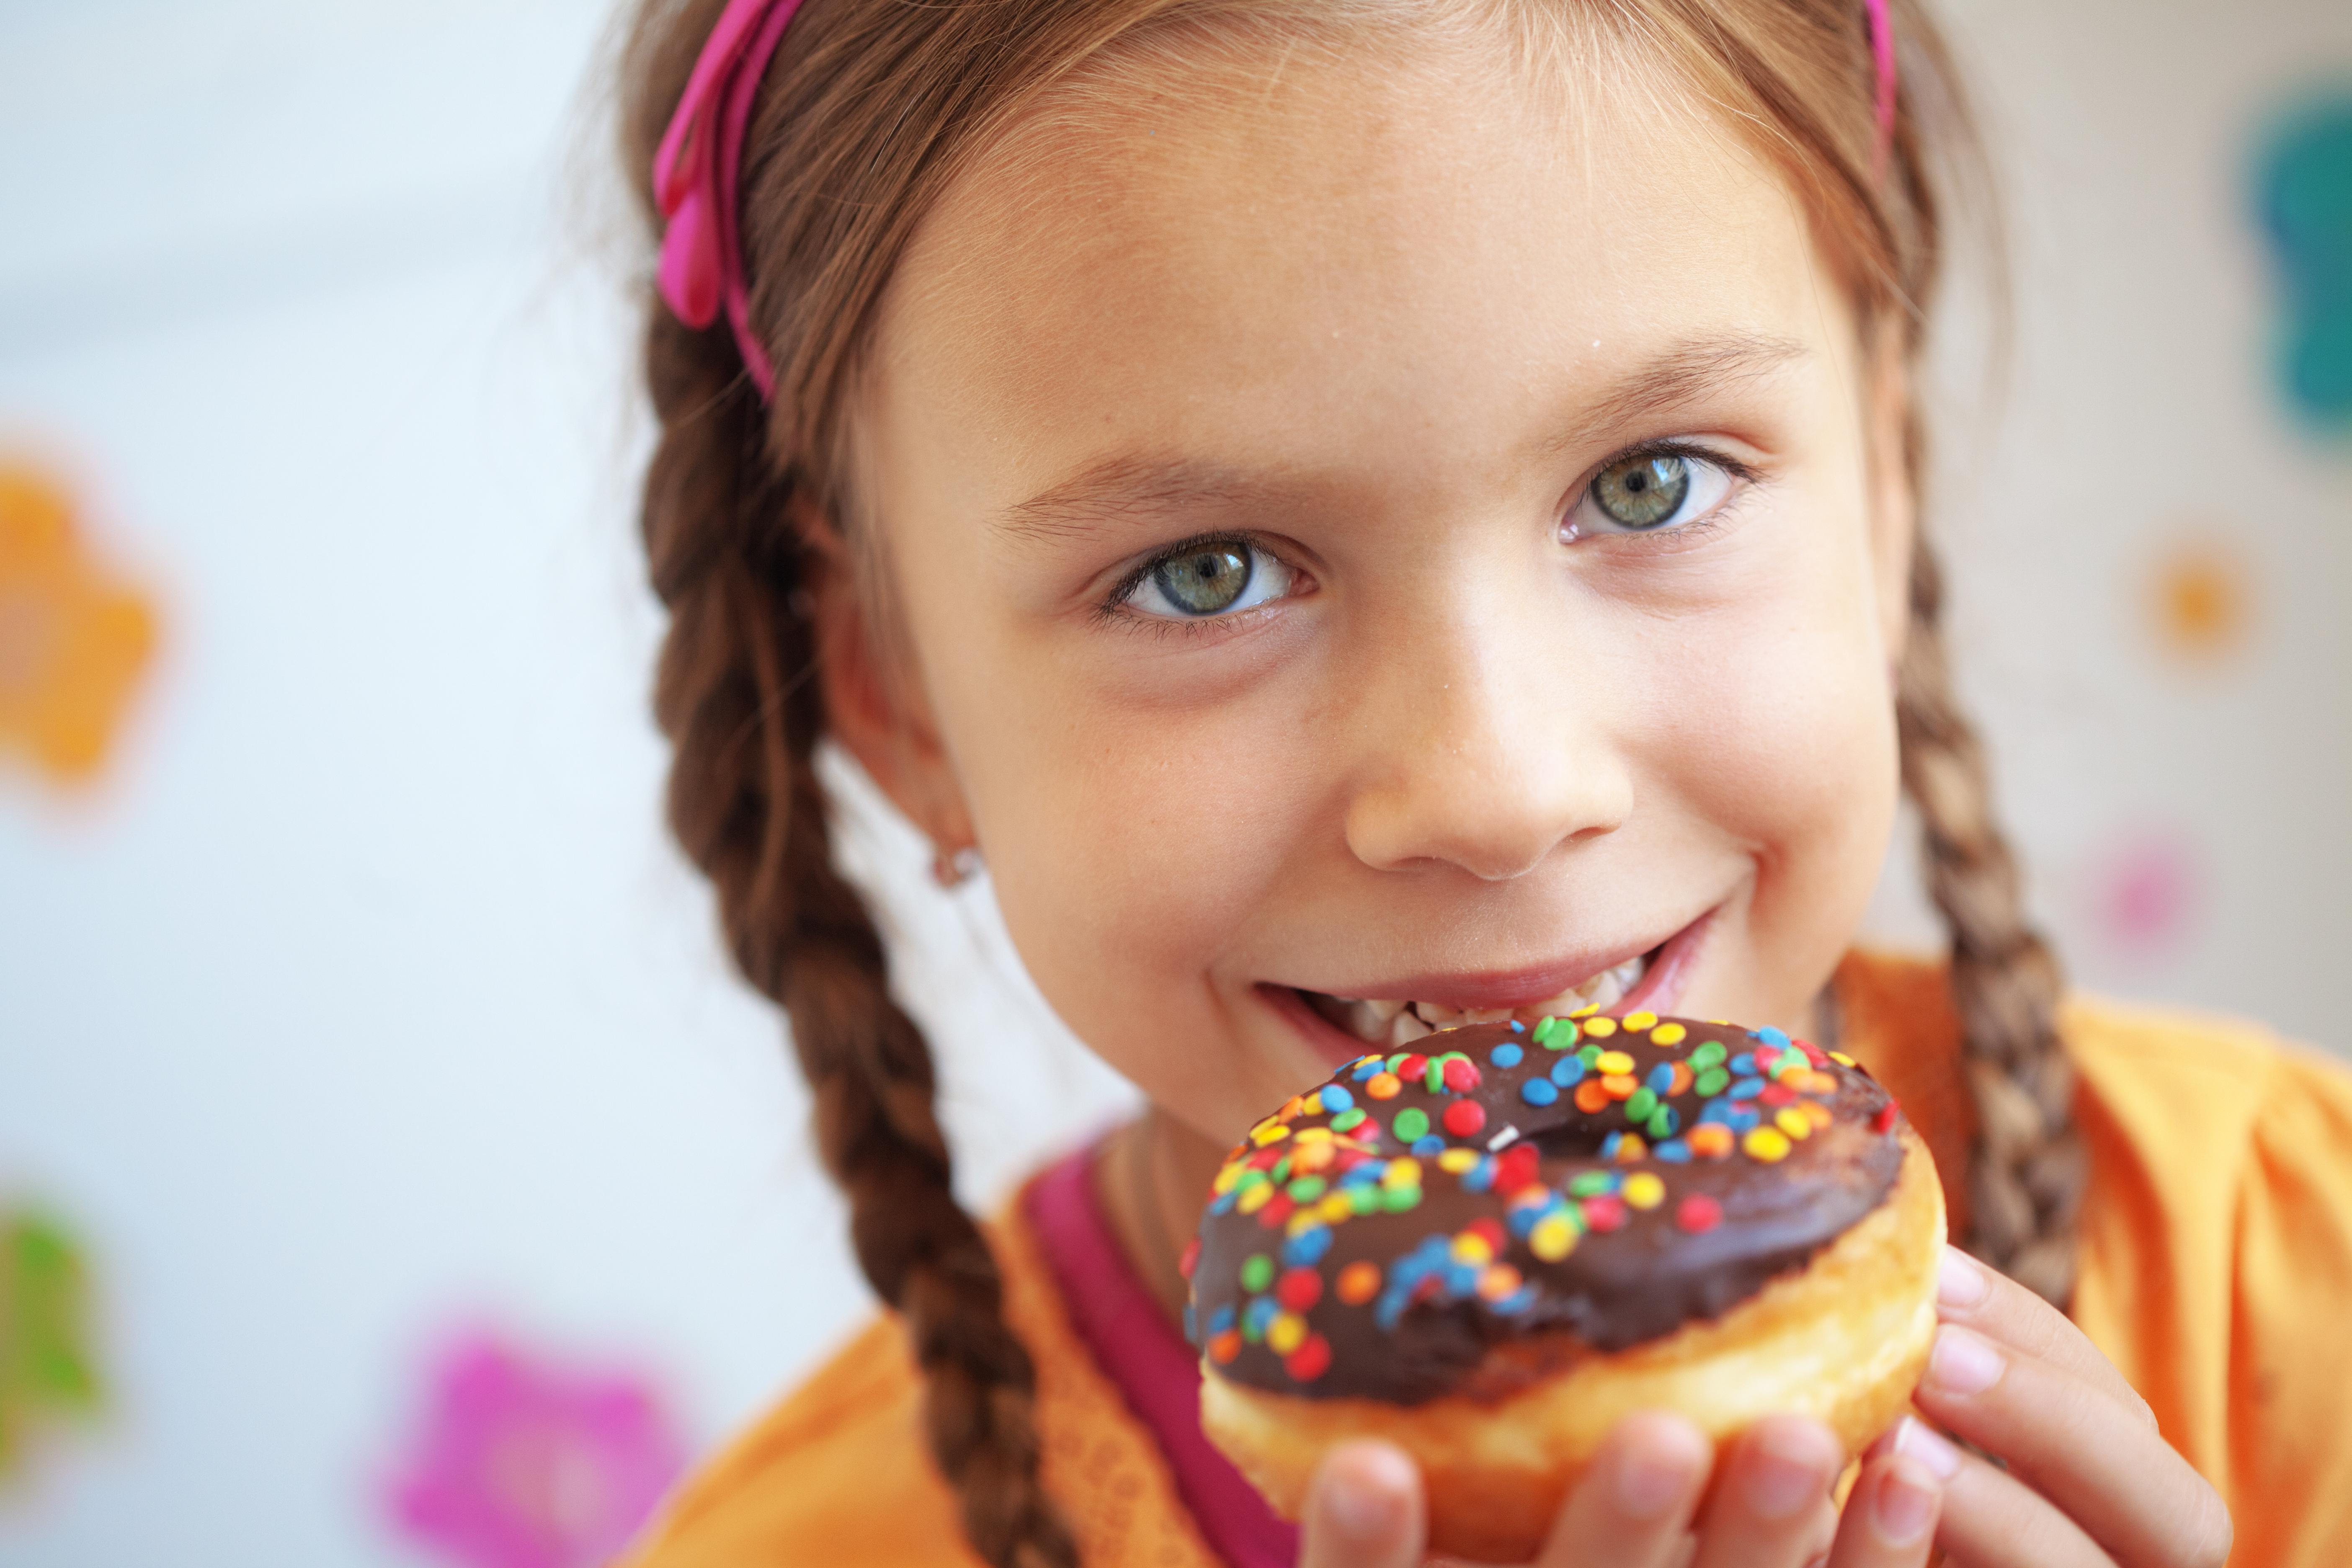 Tillgängligheten för ohälsosam mat och dryck nästan överallt spelar in när det kommer till barns övervikt.